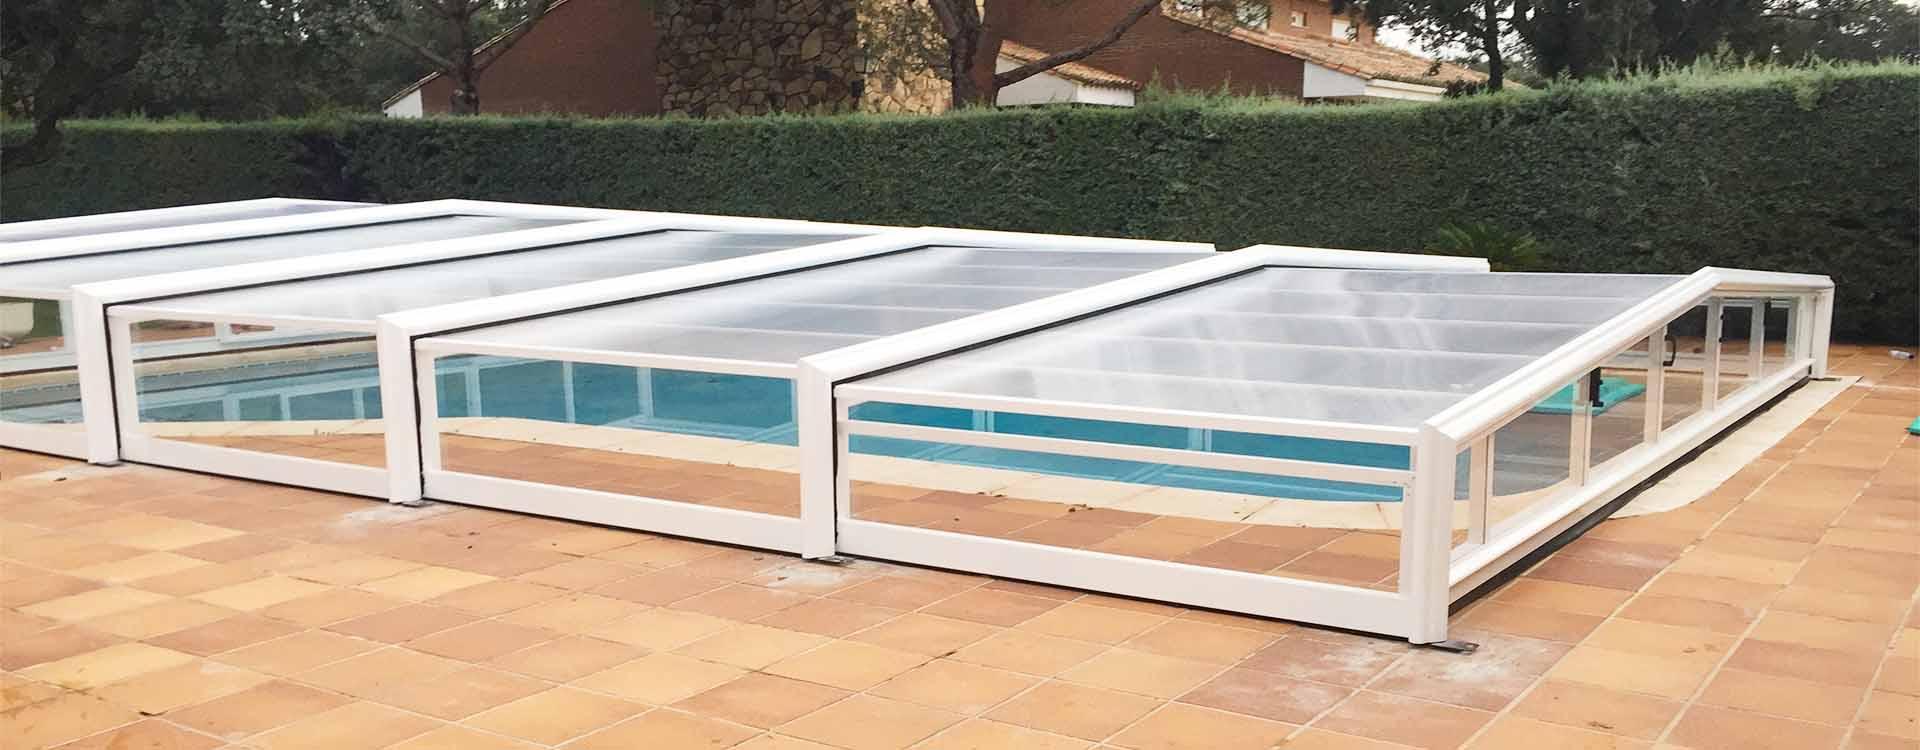 Cubiertas de piscinas y cerramientos comprar modelos del for Piscinas fabricantes